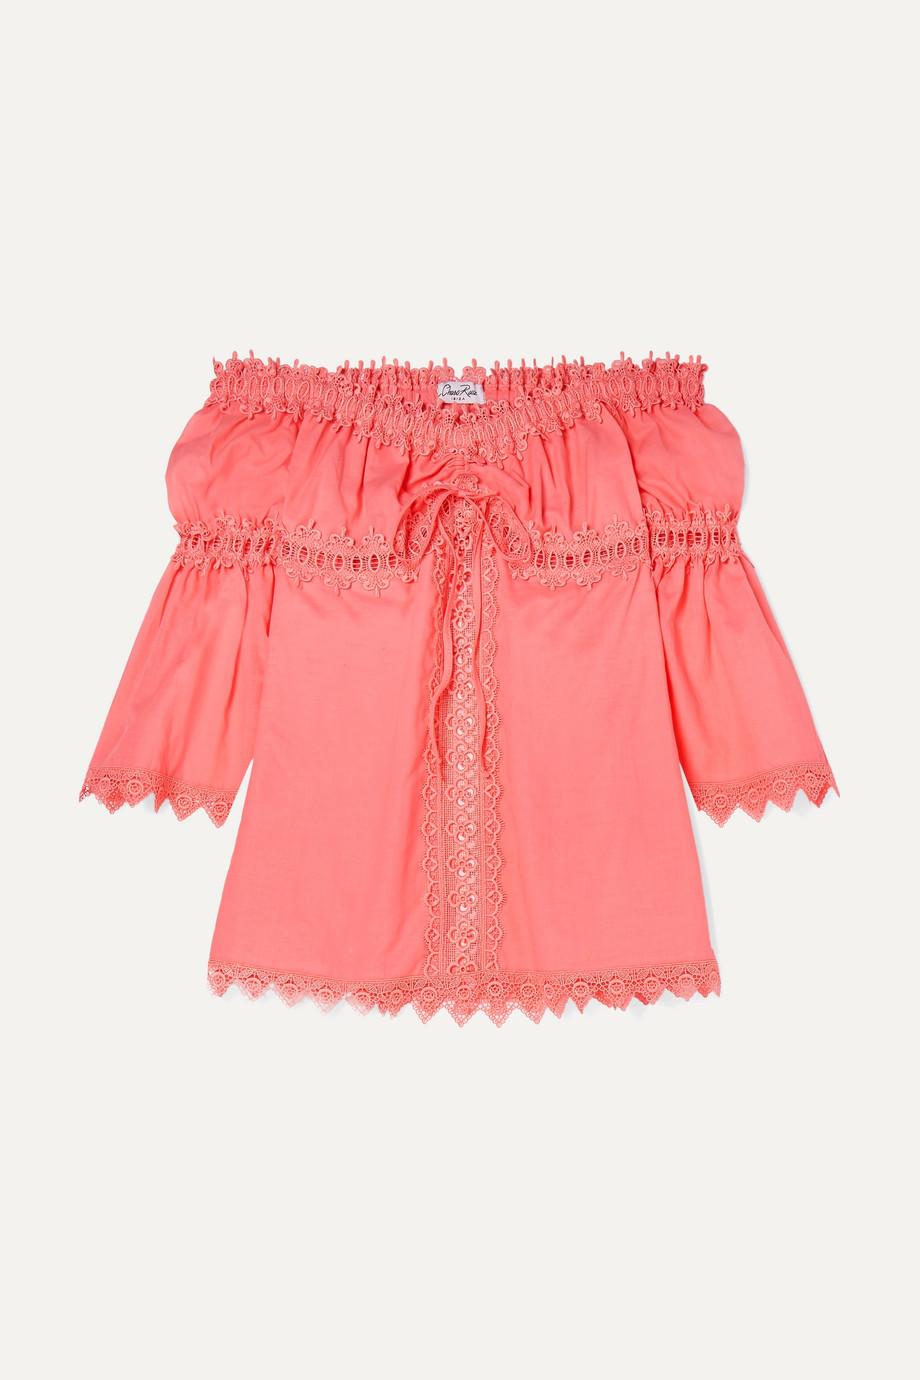 Charo Ruiz Kids Maya crocheted lace-paneled cotton-blend top